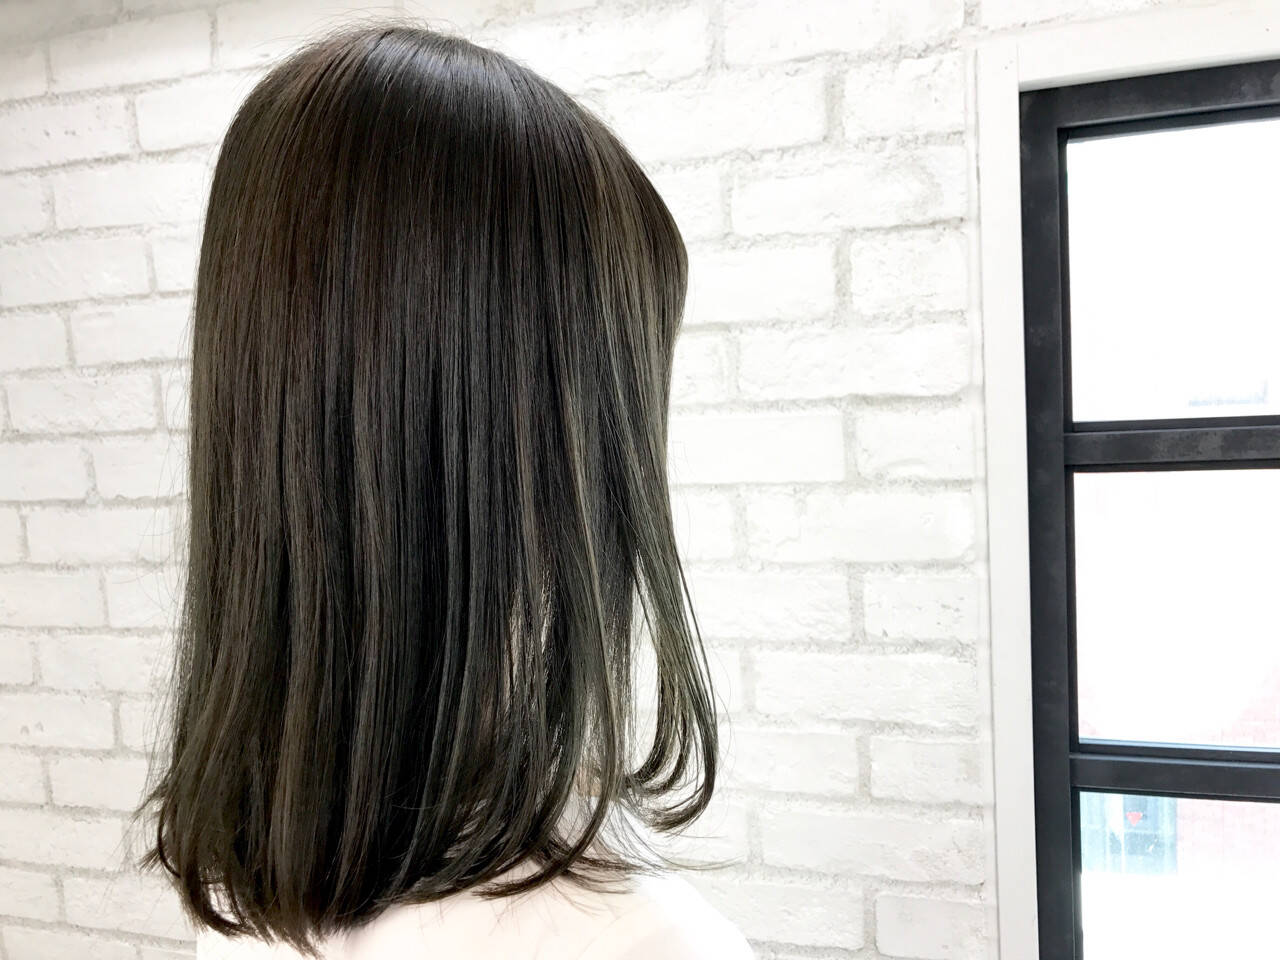 セミロング 暗髪 縮毛矯正 外国人風カラーヘアスタイルや髪型の写真・画像